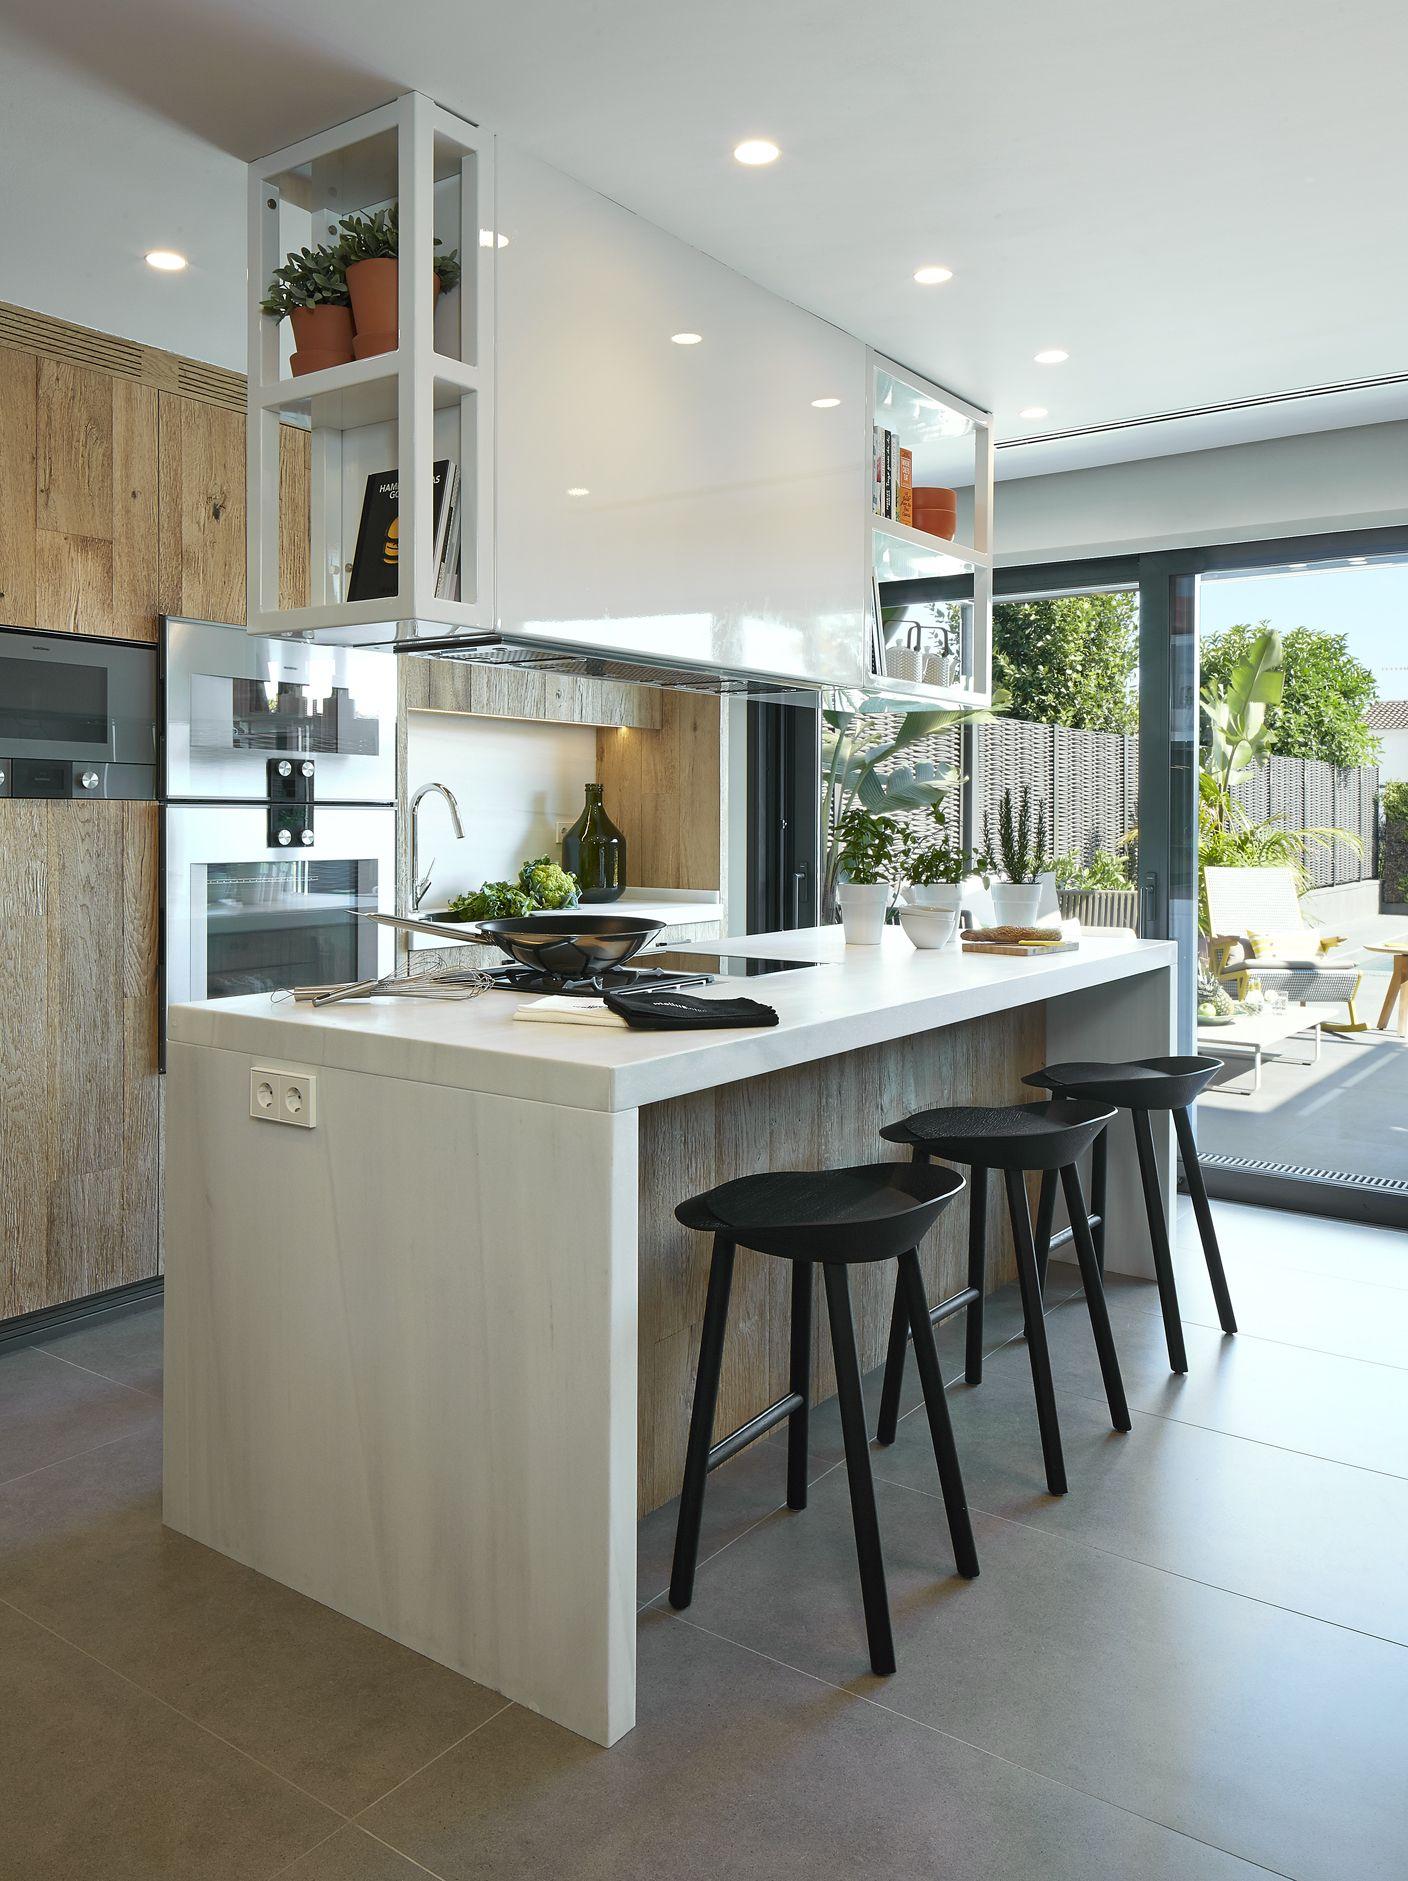 Molinsdesign dise os de cocinas modernas con un toque for Cocina moderna tipo buffet